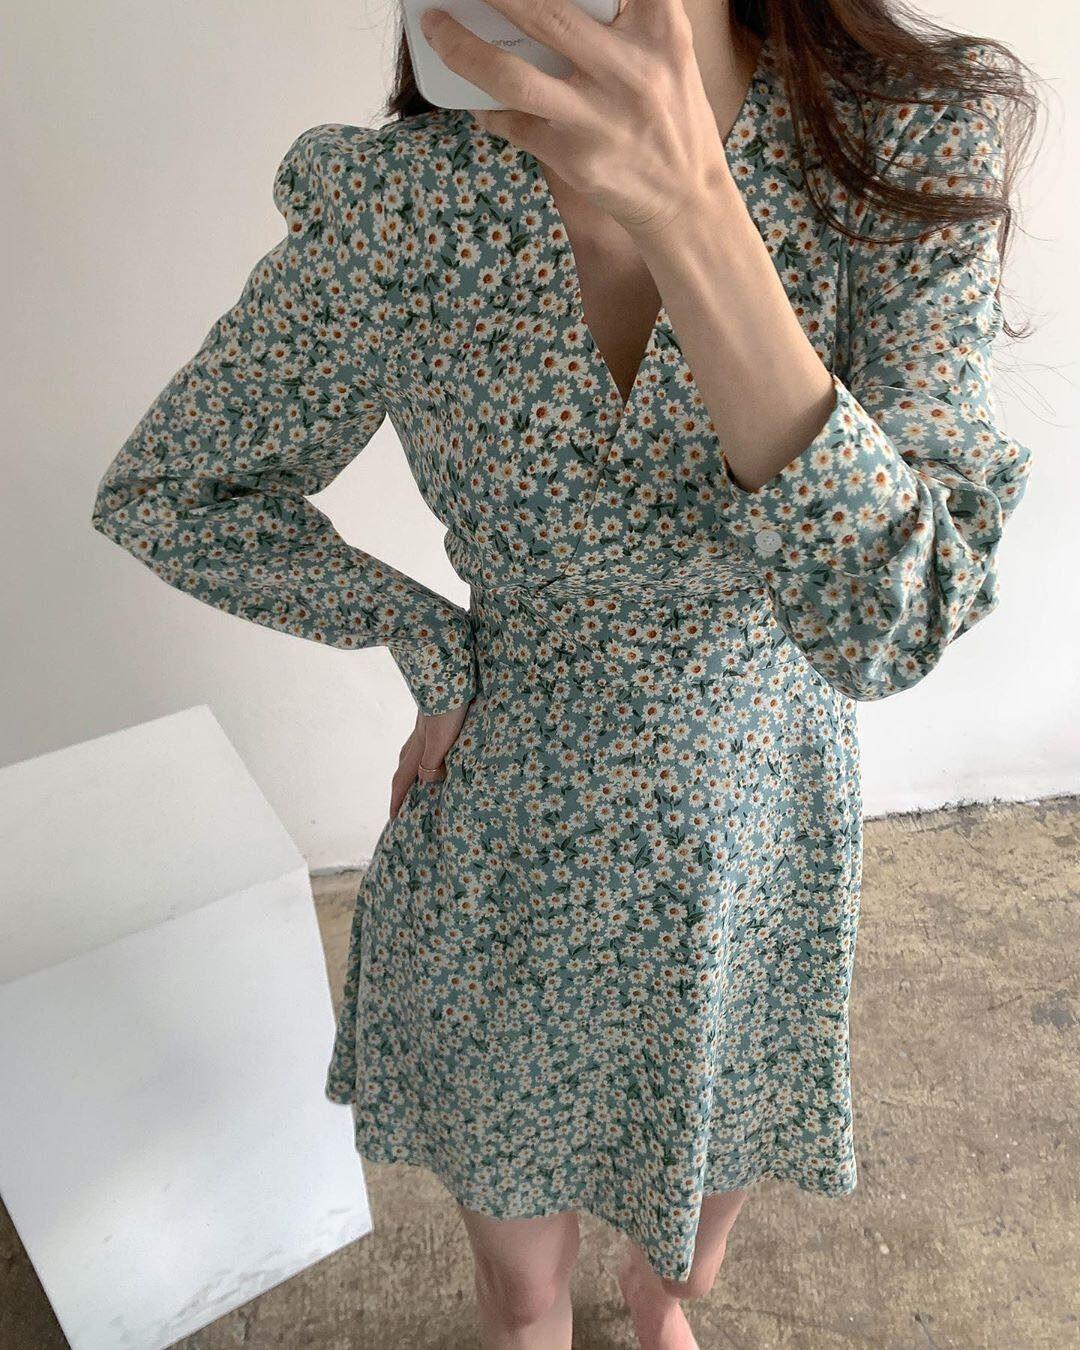 Платье женское с цветочным принтом, винтажное вечернее пляжное платье оверсайз с длинным рукавом, черный халат для выпускного вечера, лето 2021 | Женская одежда | АлиЭкспресс